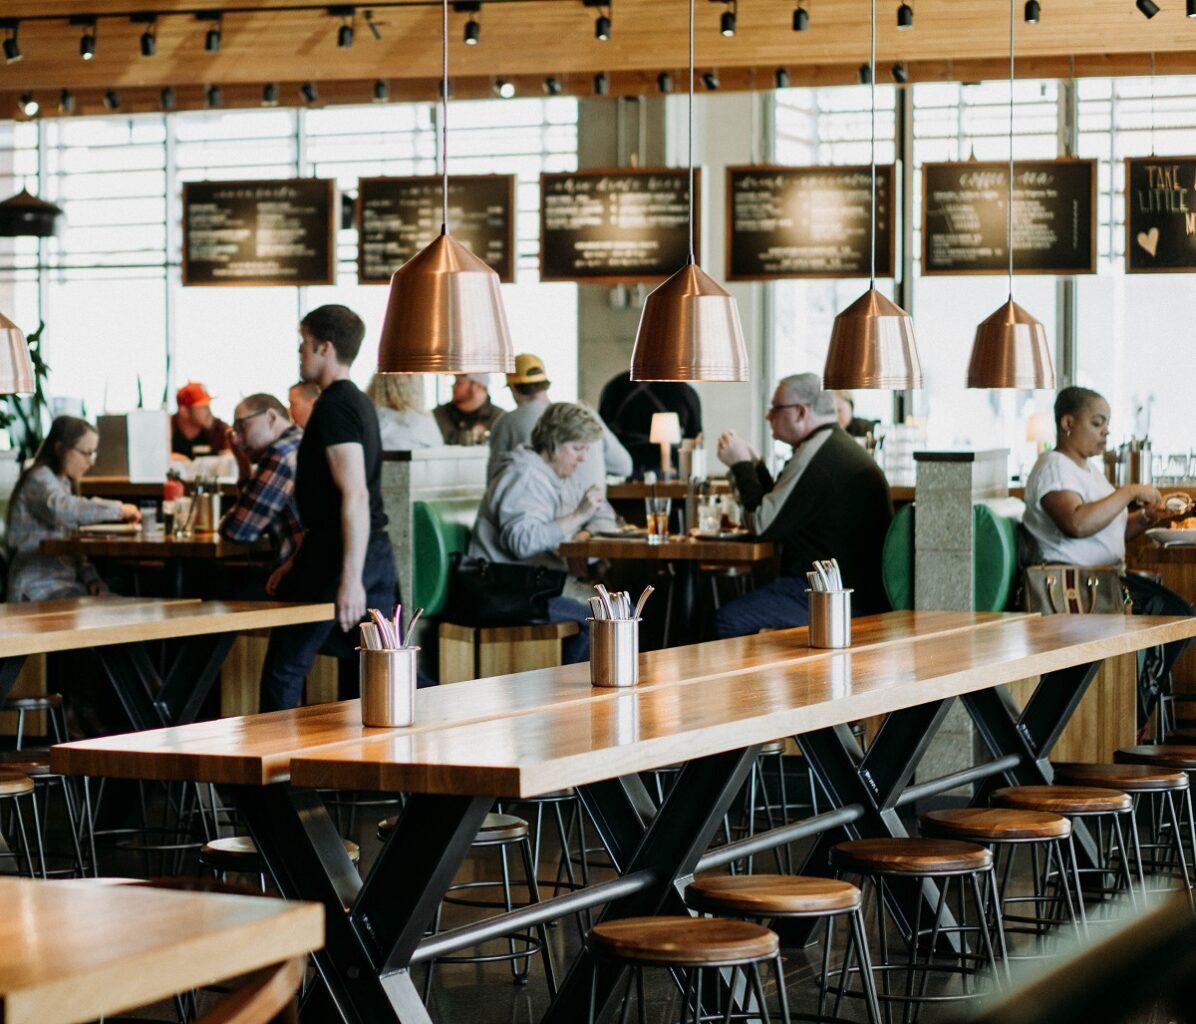 oameni stand la masa in restaurant, imagine pentru conditii pentru cand se redeschid restaurantelor la 1 septembrie